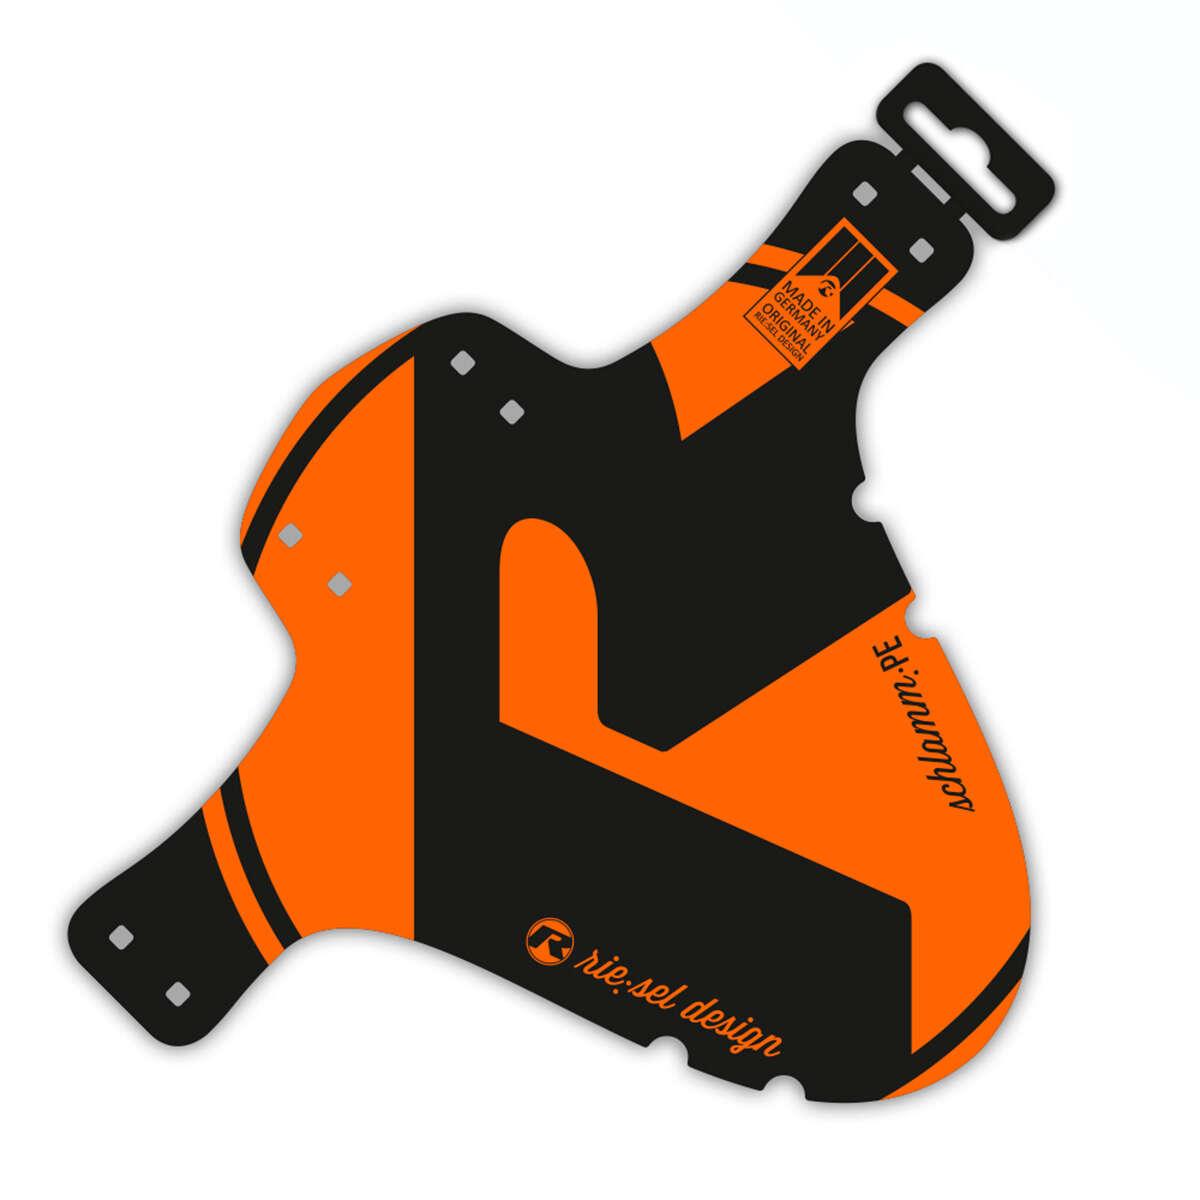 Riesel Design Schutzblech vorn SchlammPE Orange, 1 Stück